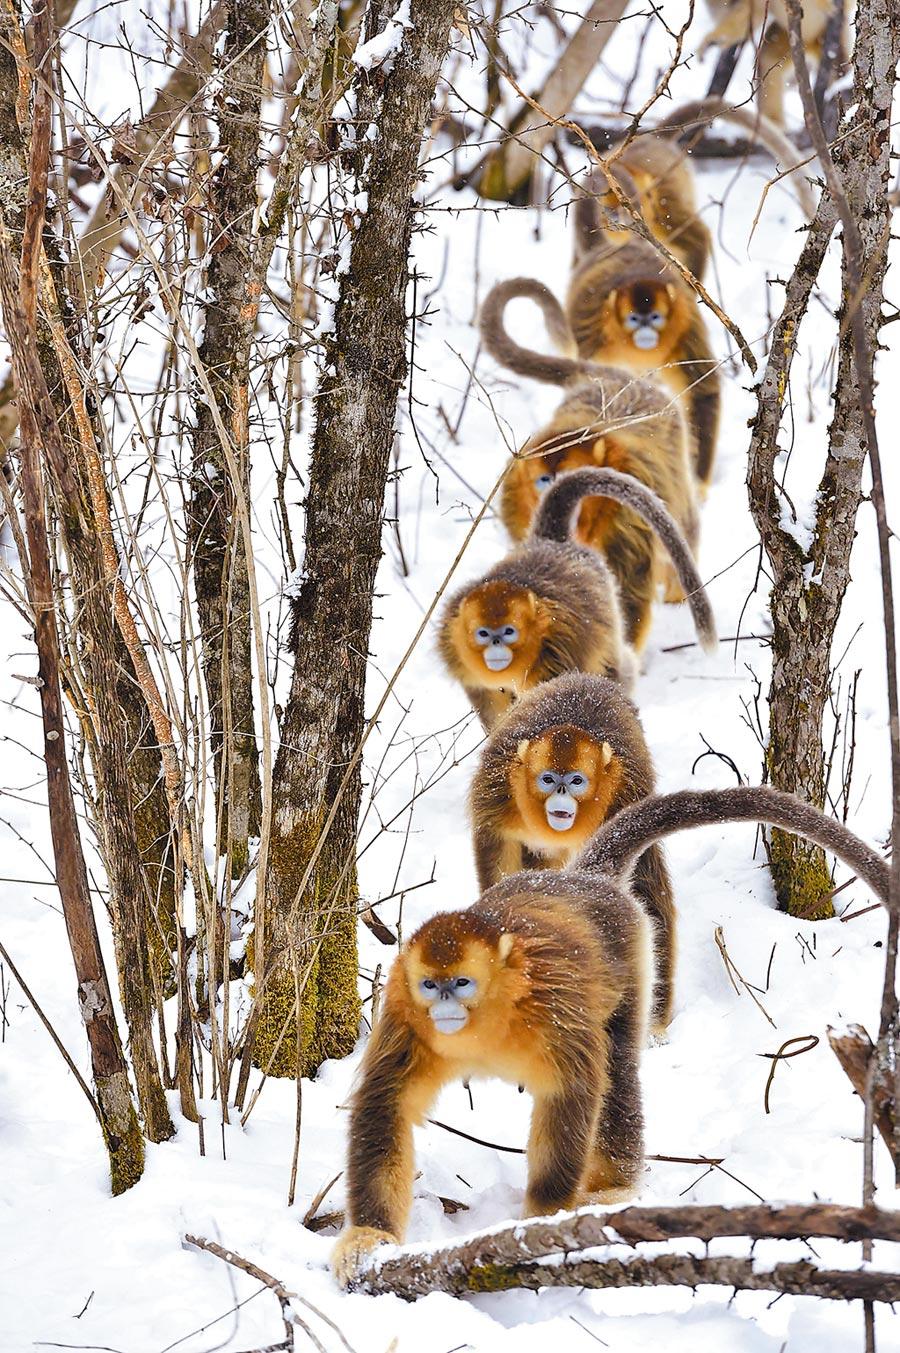 金絲猴在神農架大龍潭山林中行走。(新華社資料照片)